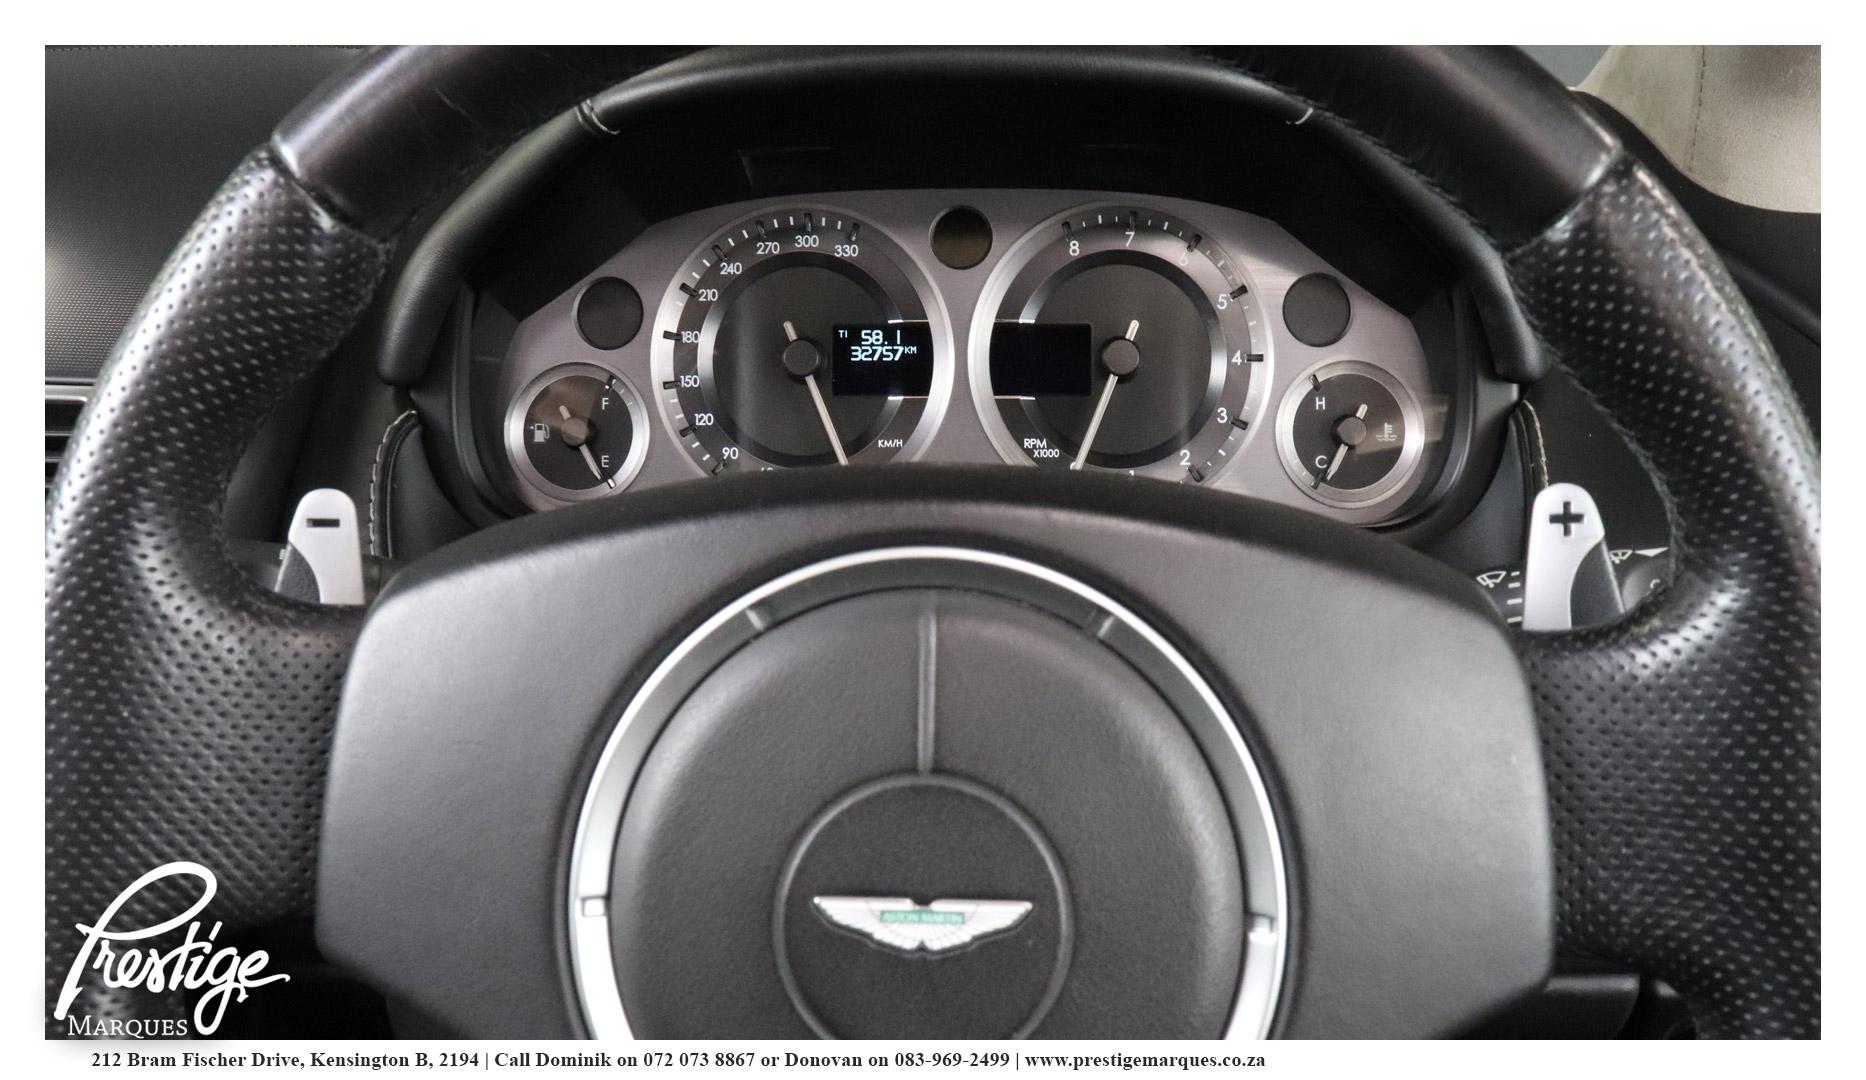 Aston-Martin-V8-Vantage-Convertible-Auto-Prestige-Marques-Sandton-20